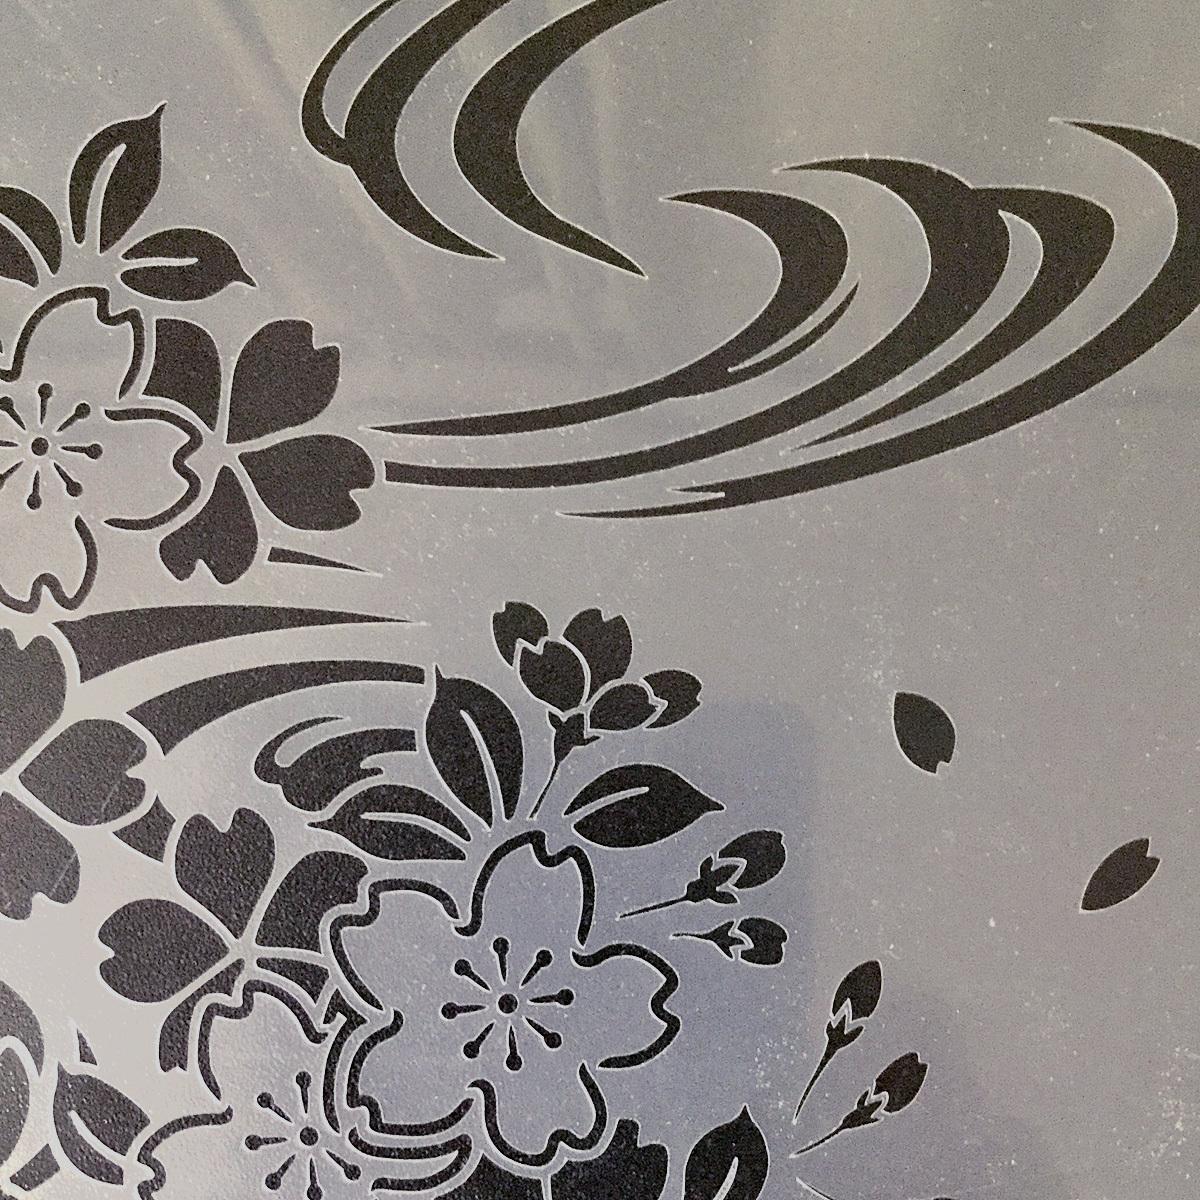 さくら4番 花 桜と流水 ステンシルシート 図案型紙 No554_画像2